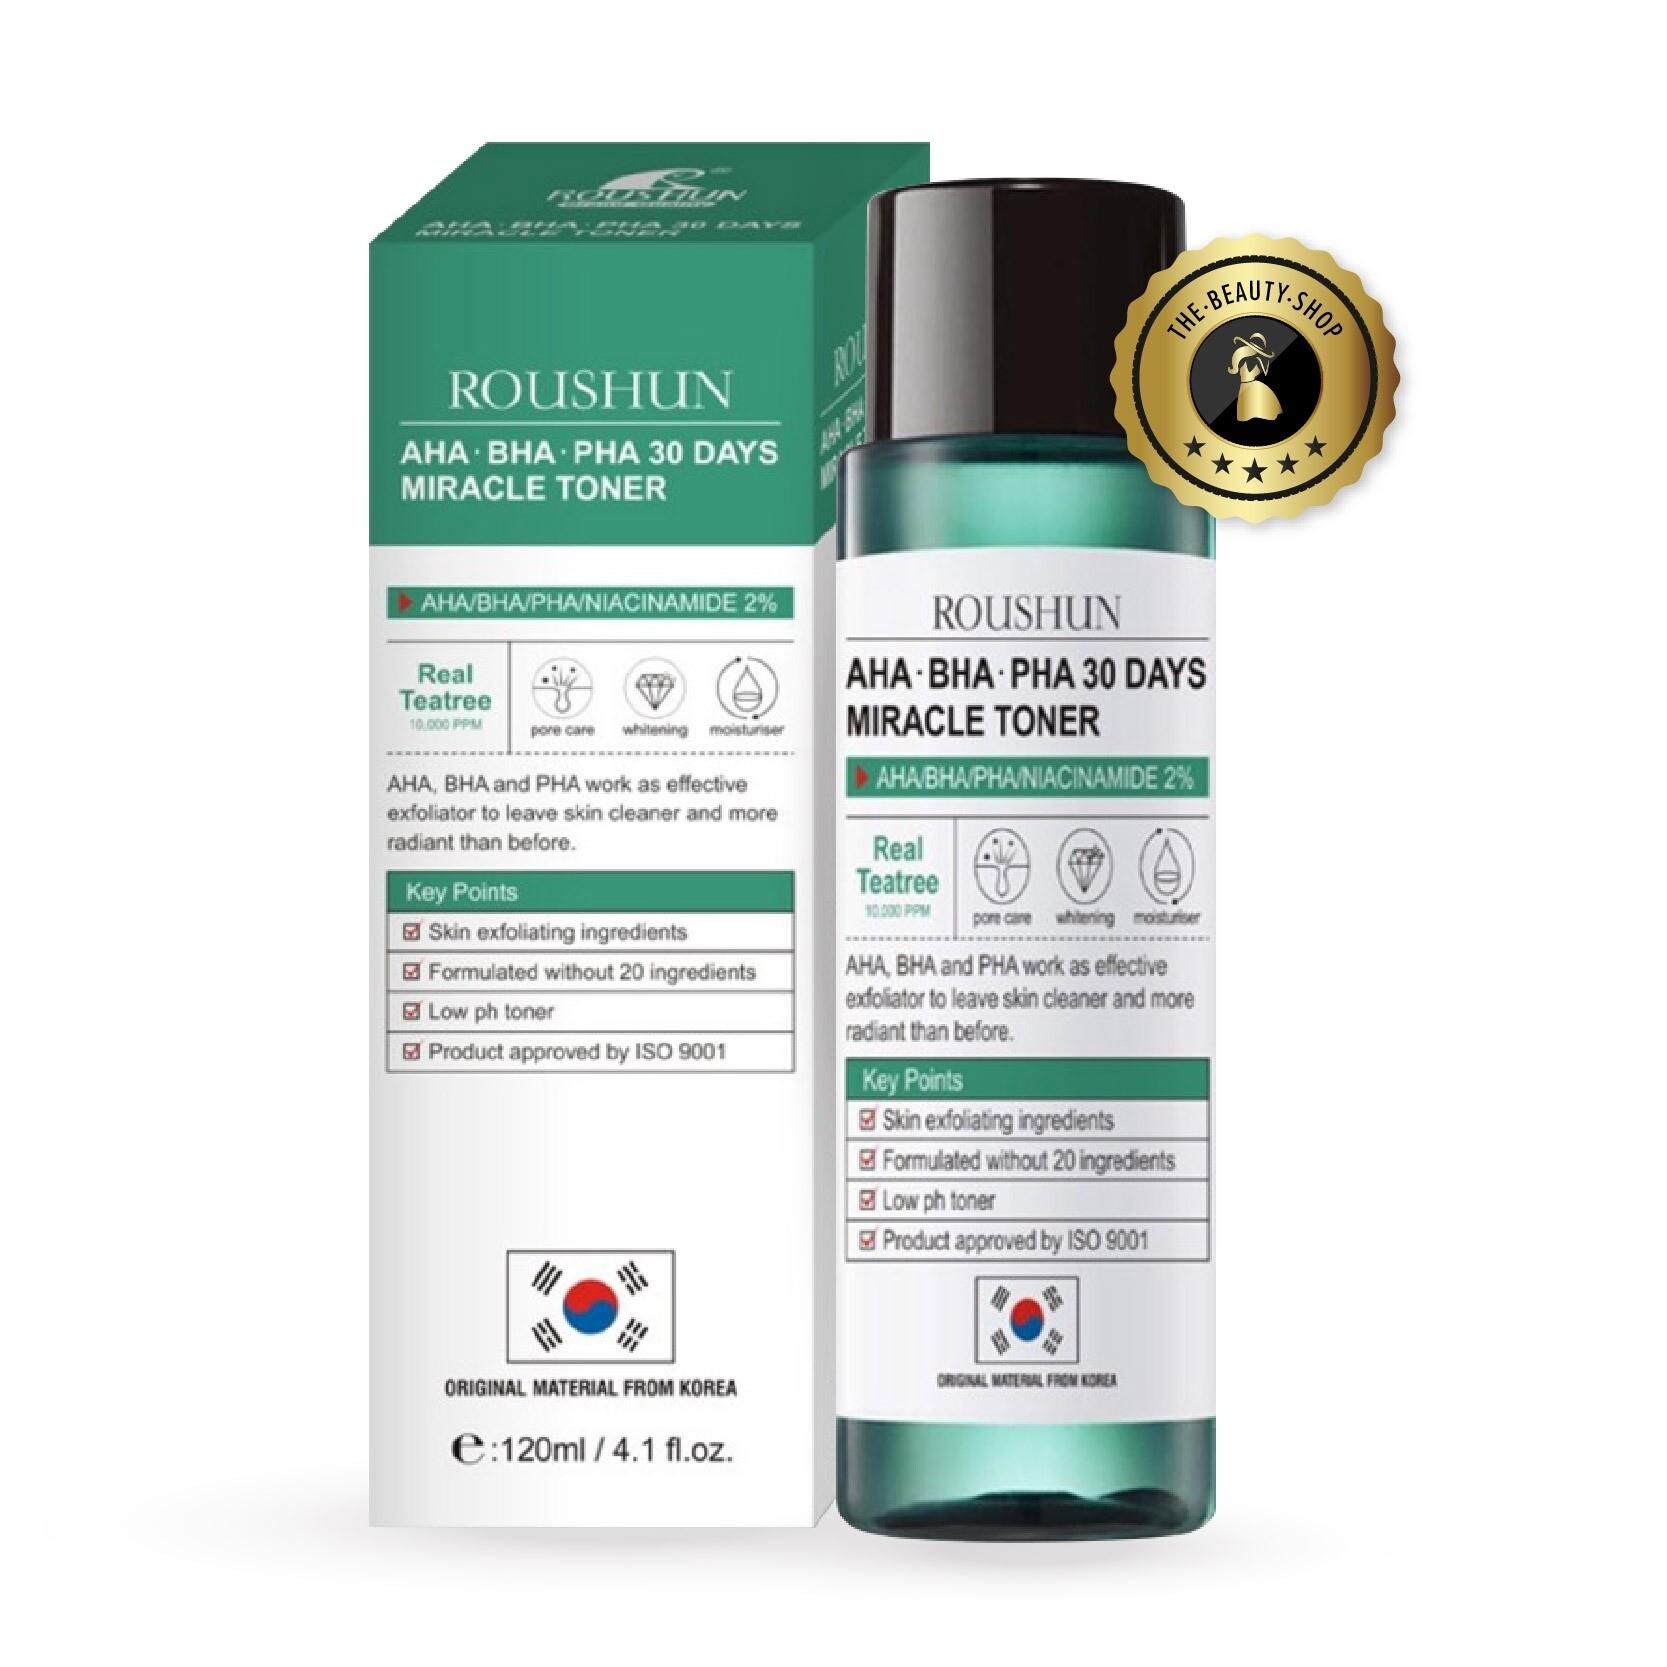 ( สินค้าขายดี / พร้อมส่ง ) โทนเนอร์รักษาสิว AHA-BHA-PHA 30DAYS MIRACLE TONER ปริมาณ 120 ML. จาก ROUSHUN ส่วนผสมจากเกาหลีแท้100%